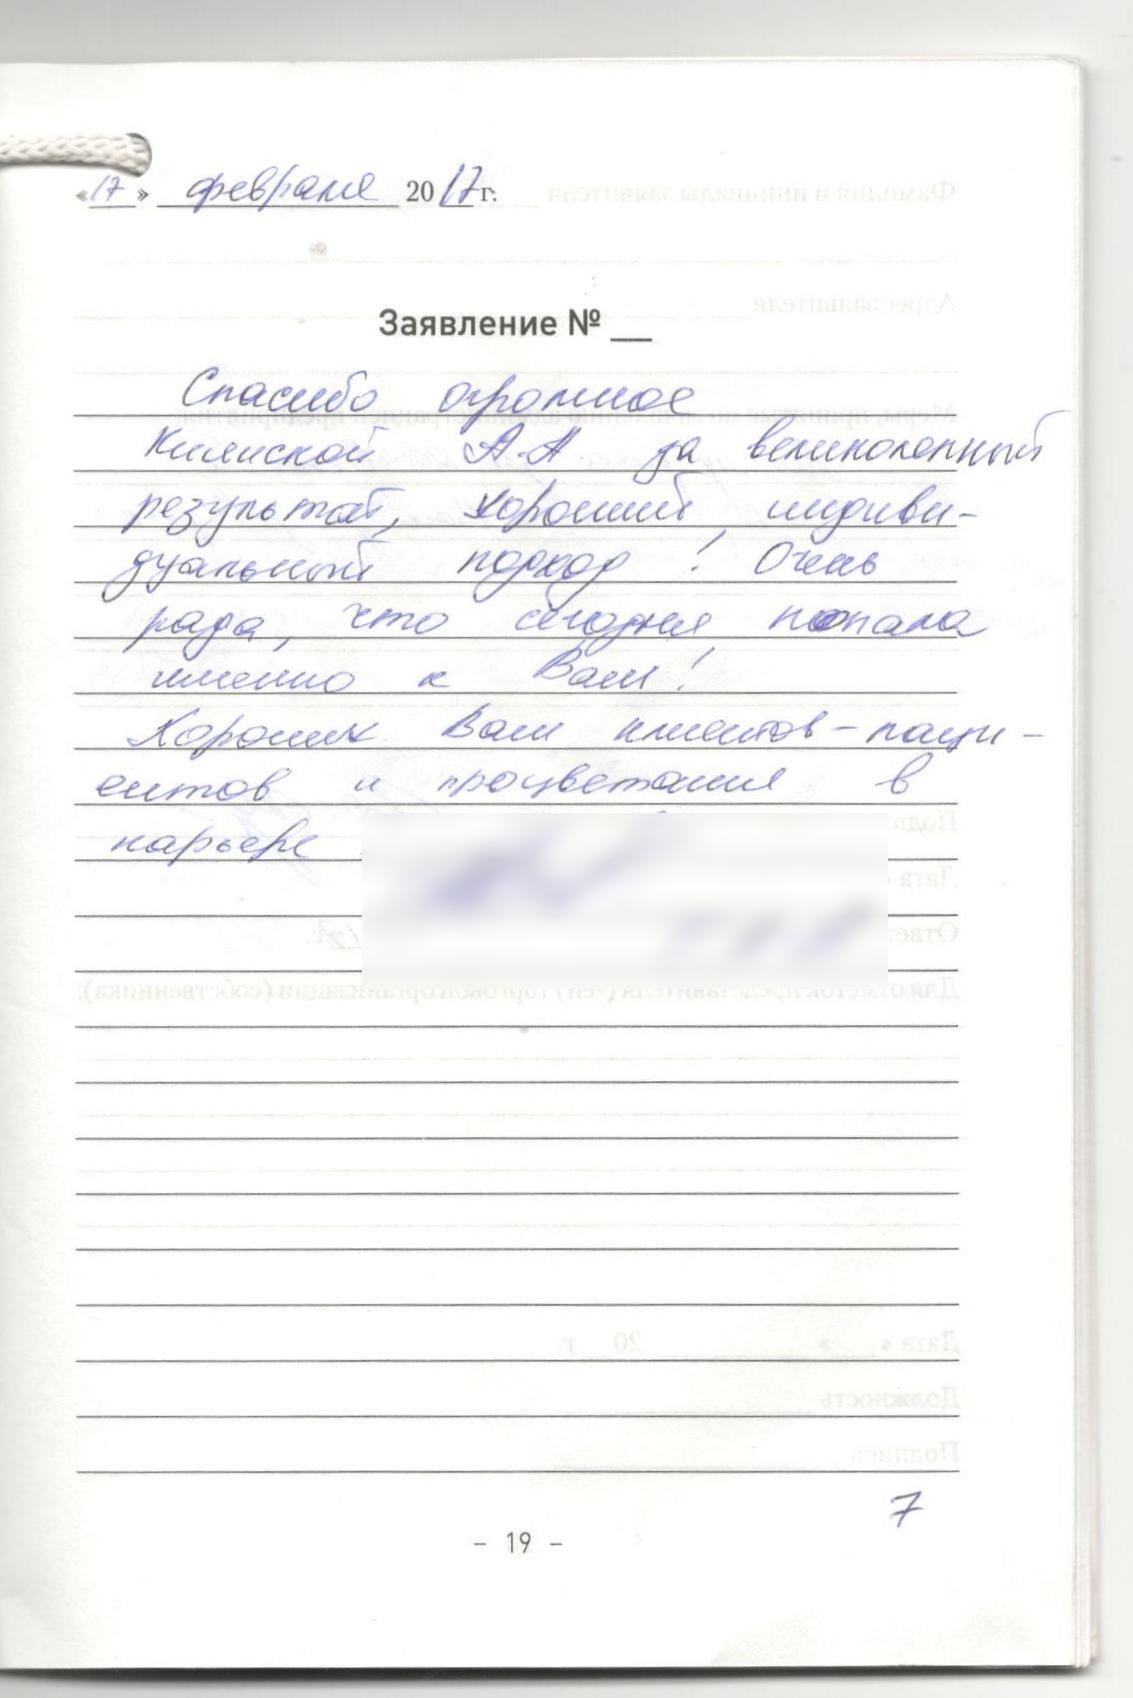 kiyanskaya